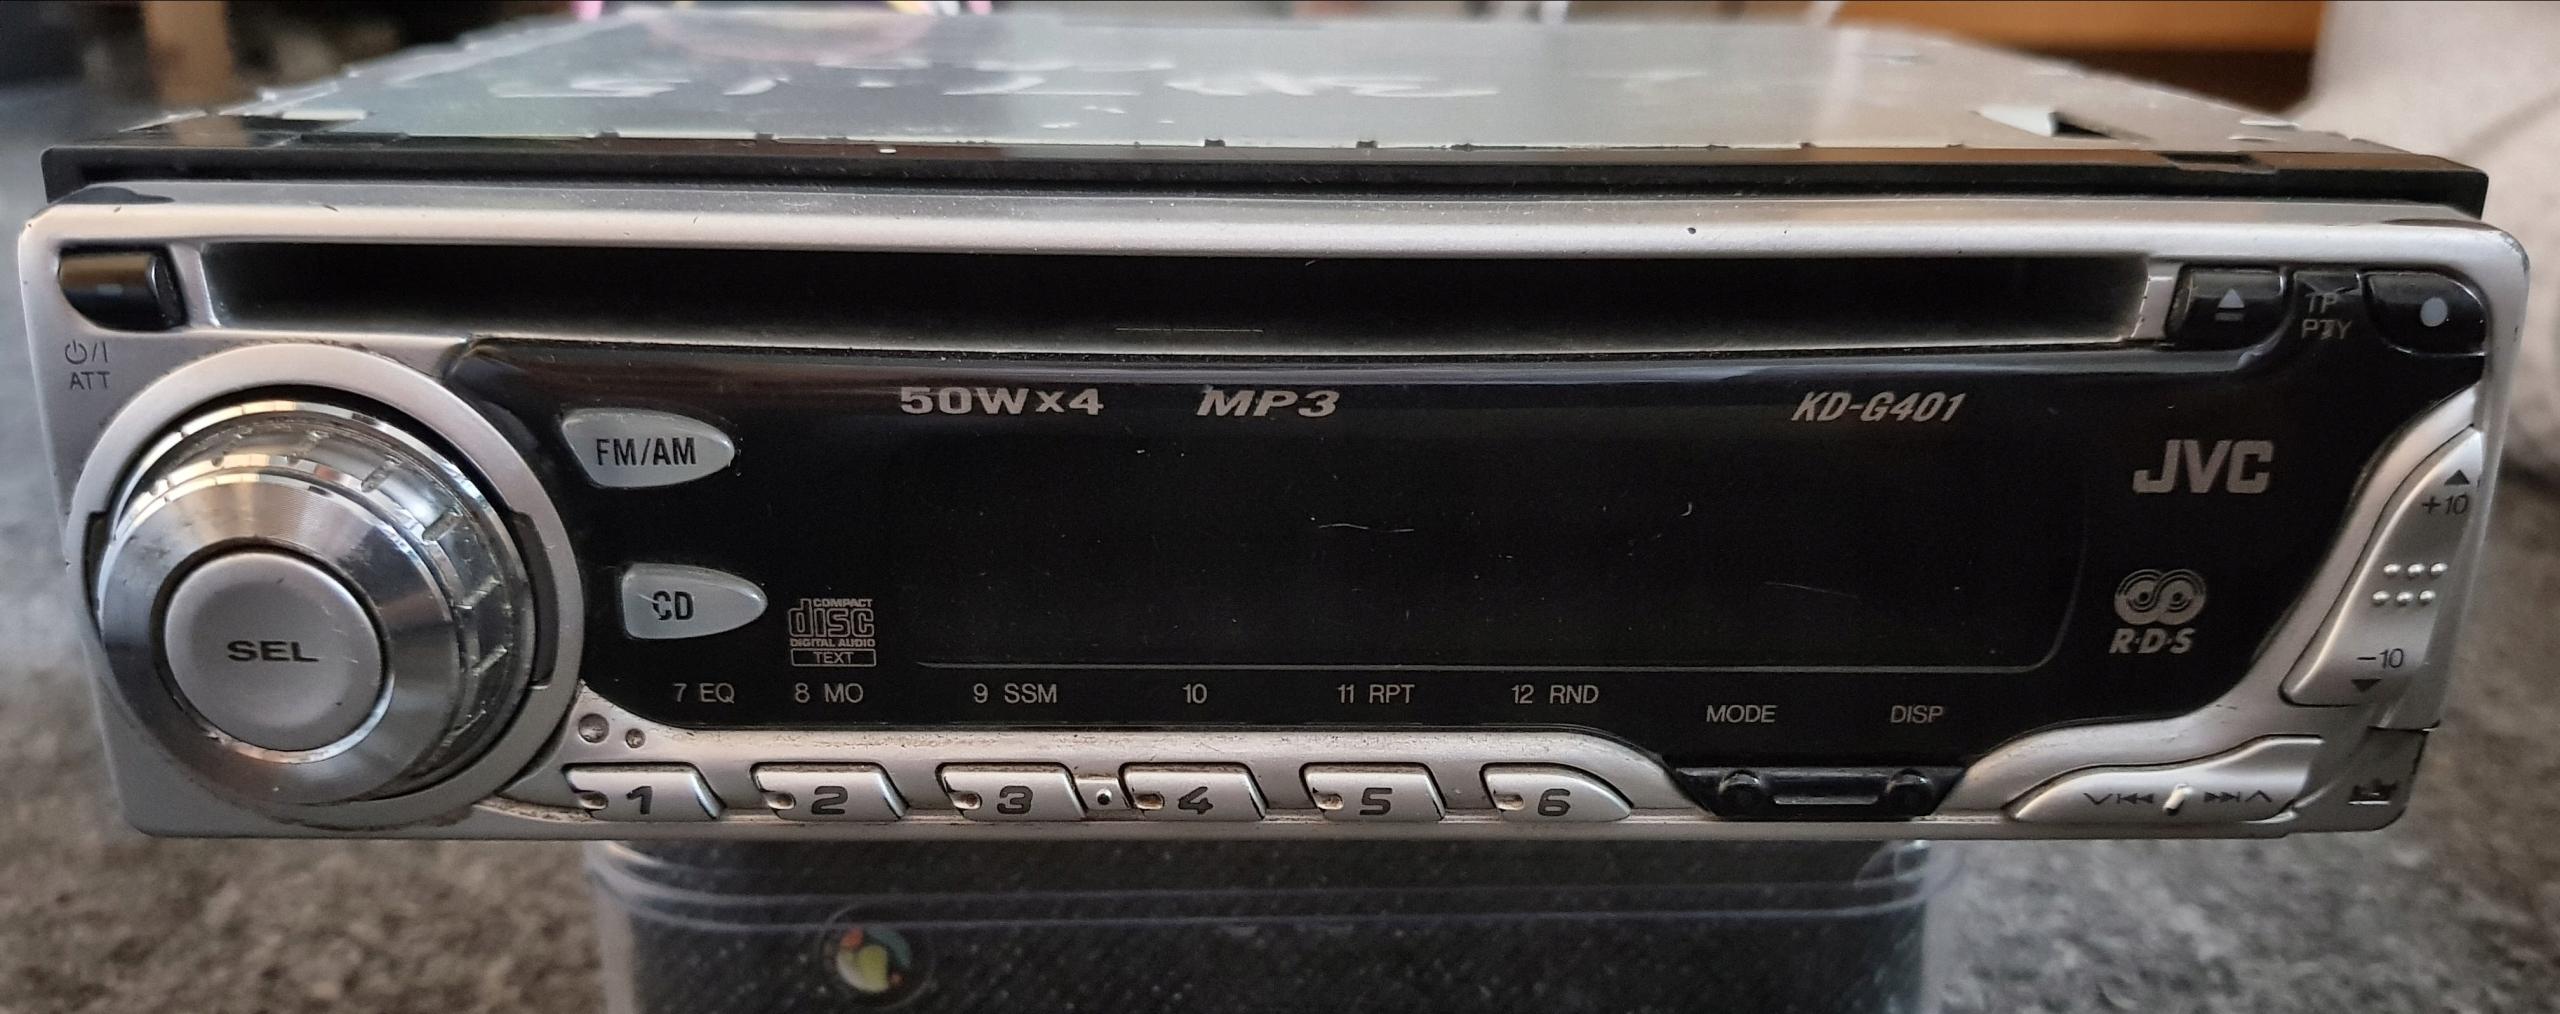 RADIO SAMOCHODOWE CD MP3 JVC KD-G401 OD 1ZŁ